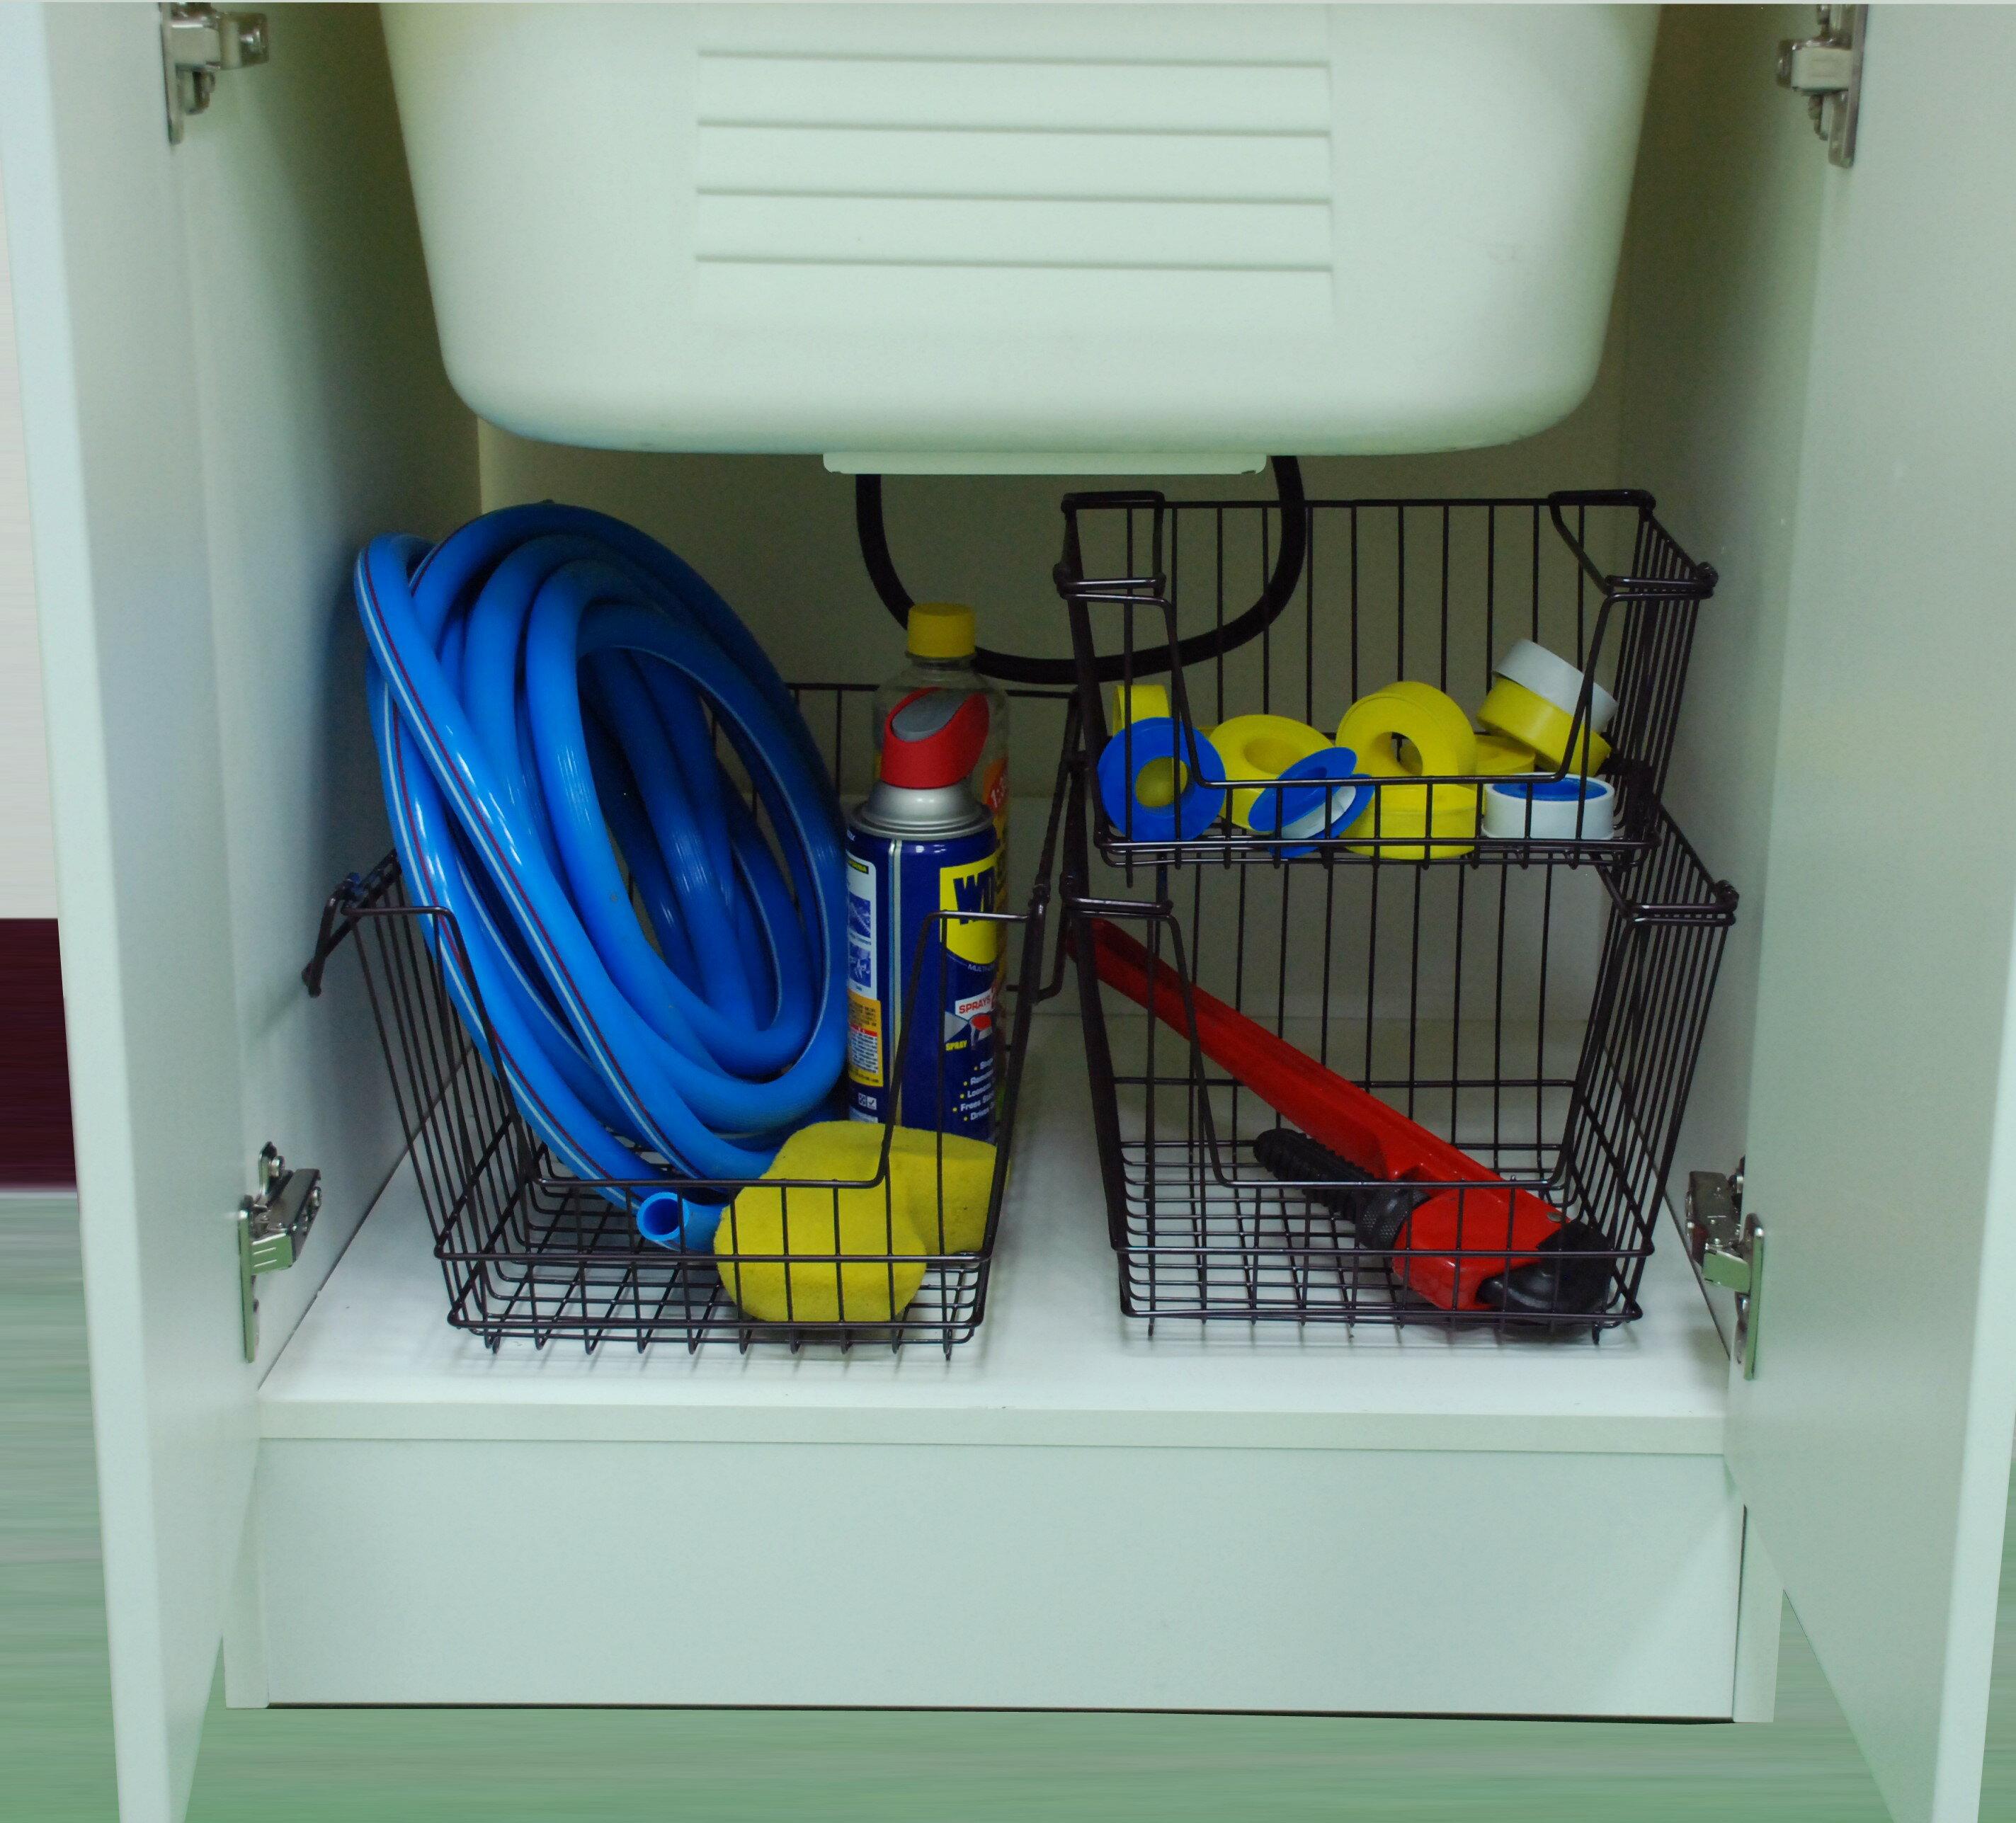 【凱樂絲】媽咪好幫手堆疊收納籃  一組三入促銷價899 - 自由DIY 空間利用 透氣通風, 客廳, 廚房, 衣櫃適用 6